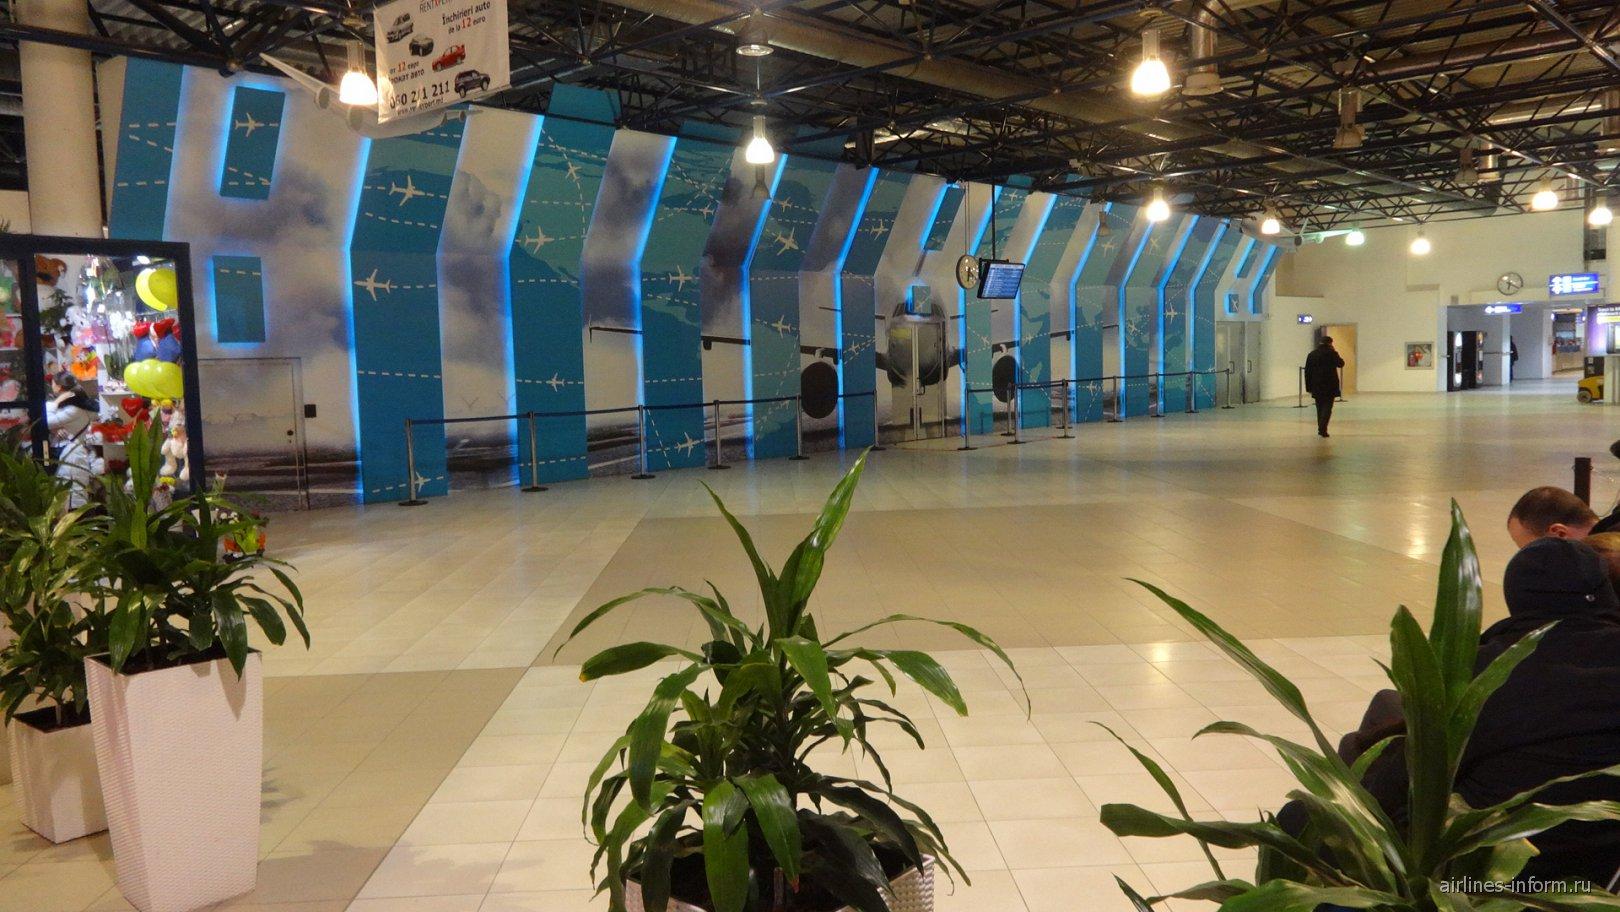 В аэровокзале аэропорта Кишинев. Зона прилета.